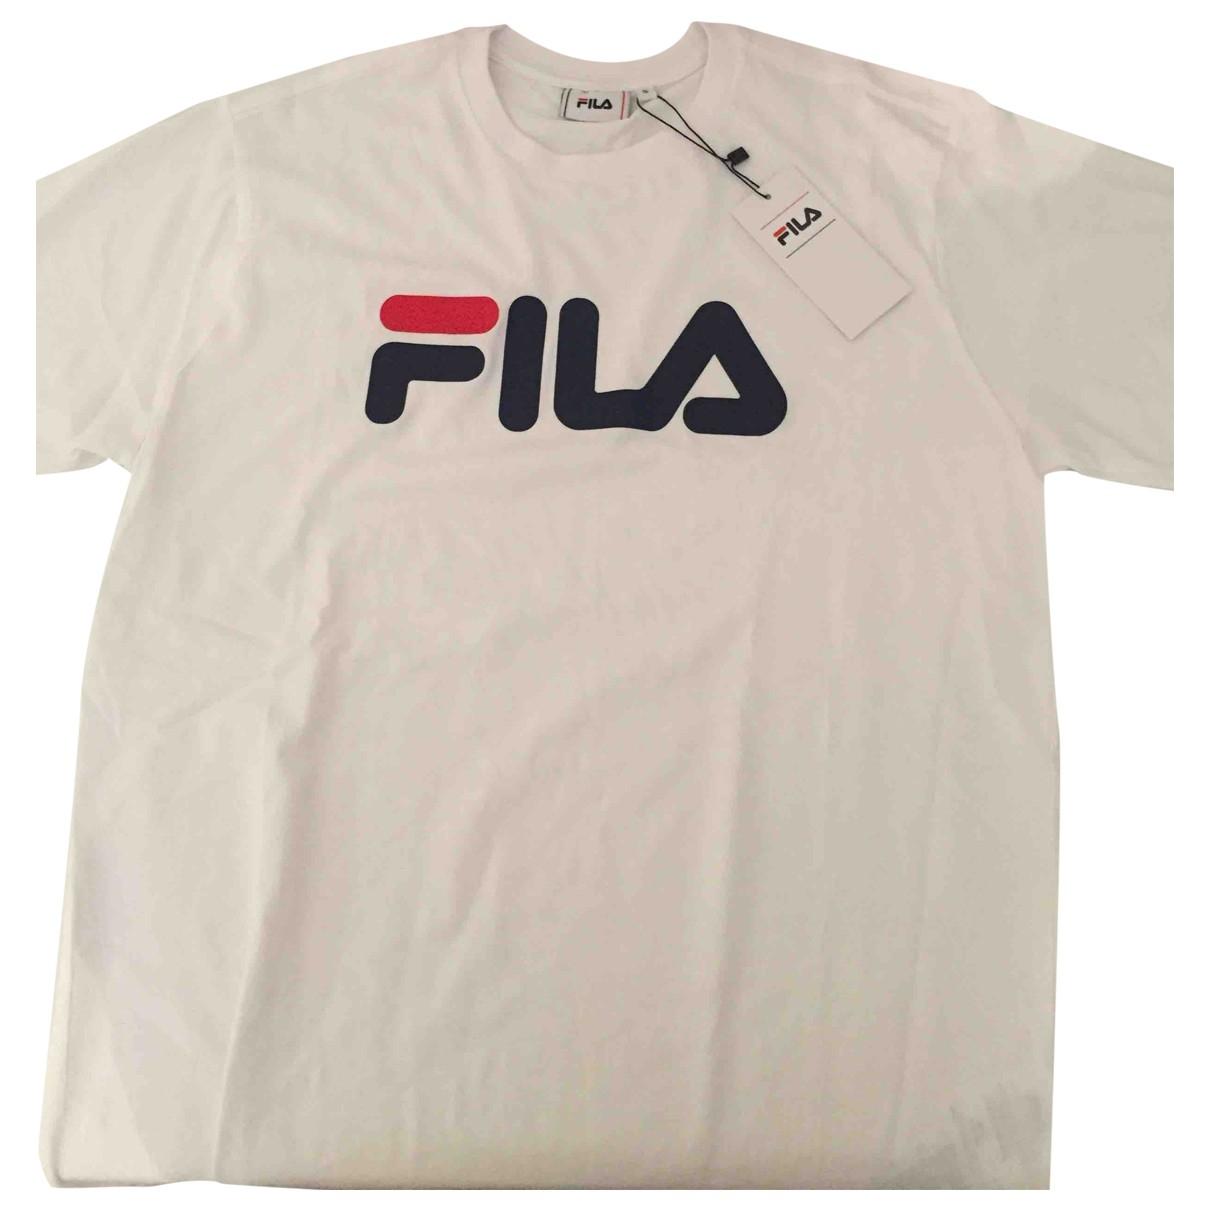 Fila - Top   pour femme en coton - blanc